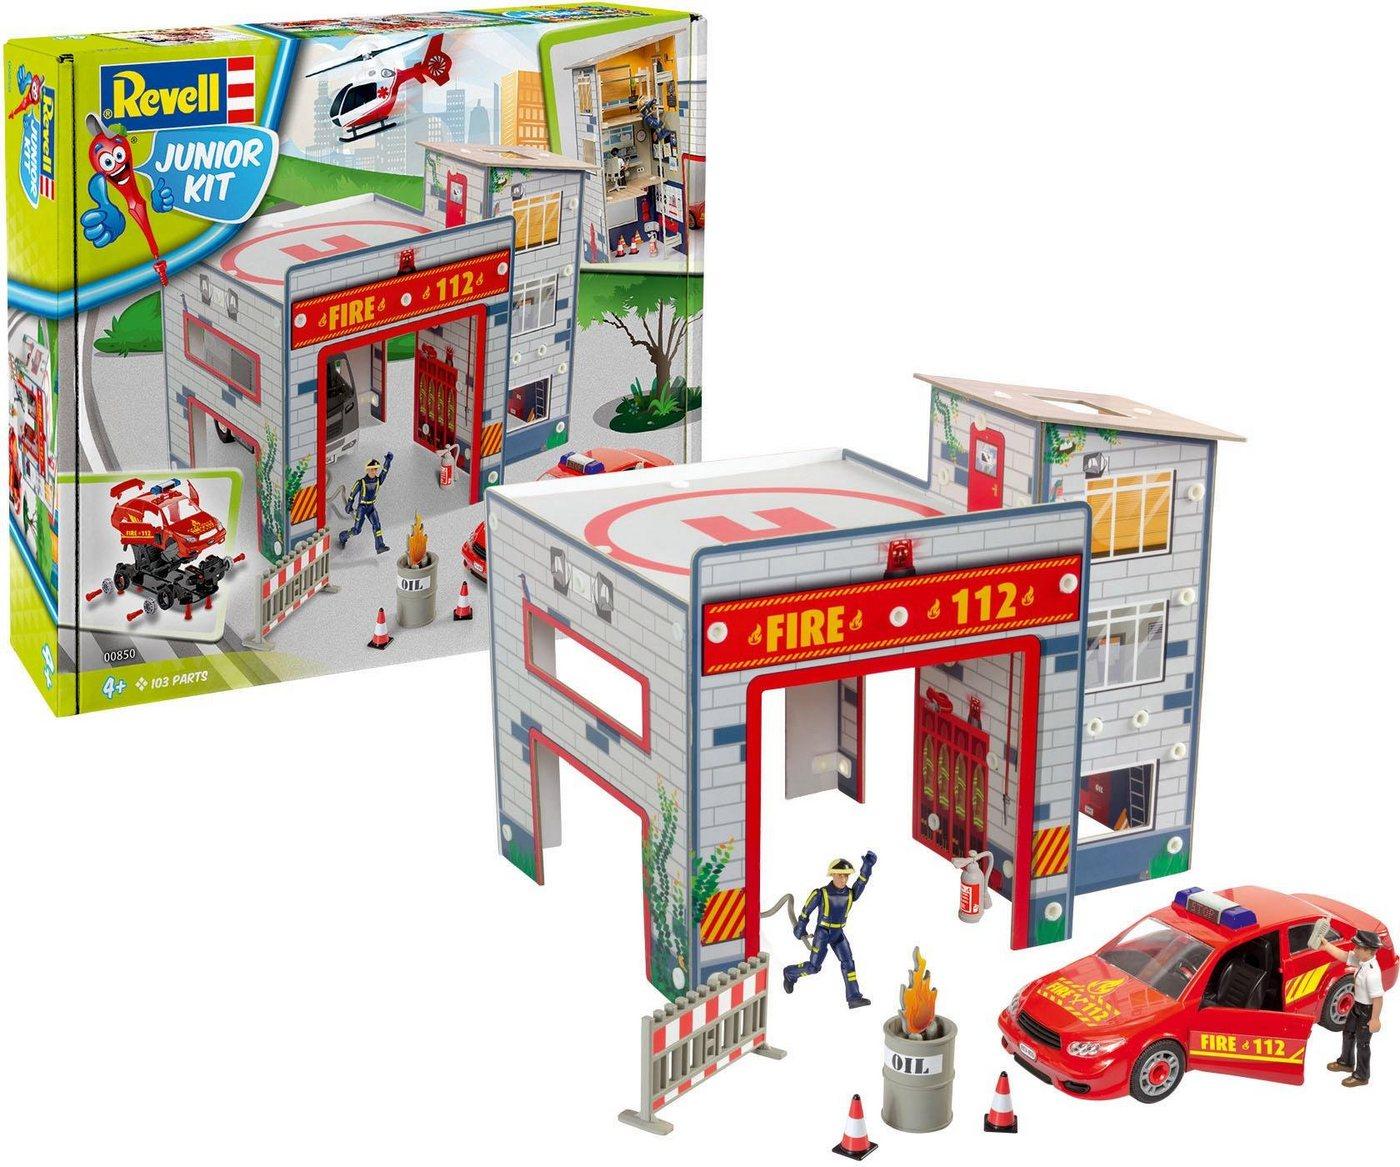 Revell Modellbausatz Auto und Gebäude, »Junior Kit Spielset Feuerwache«